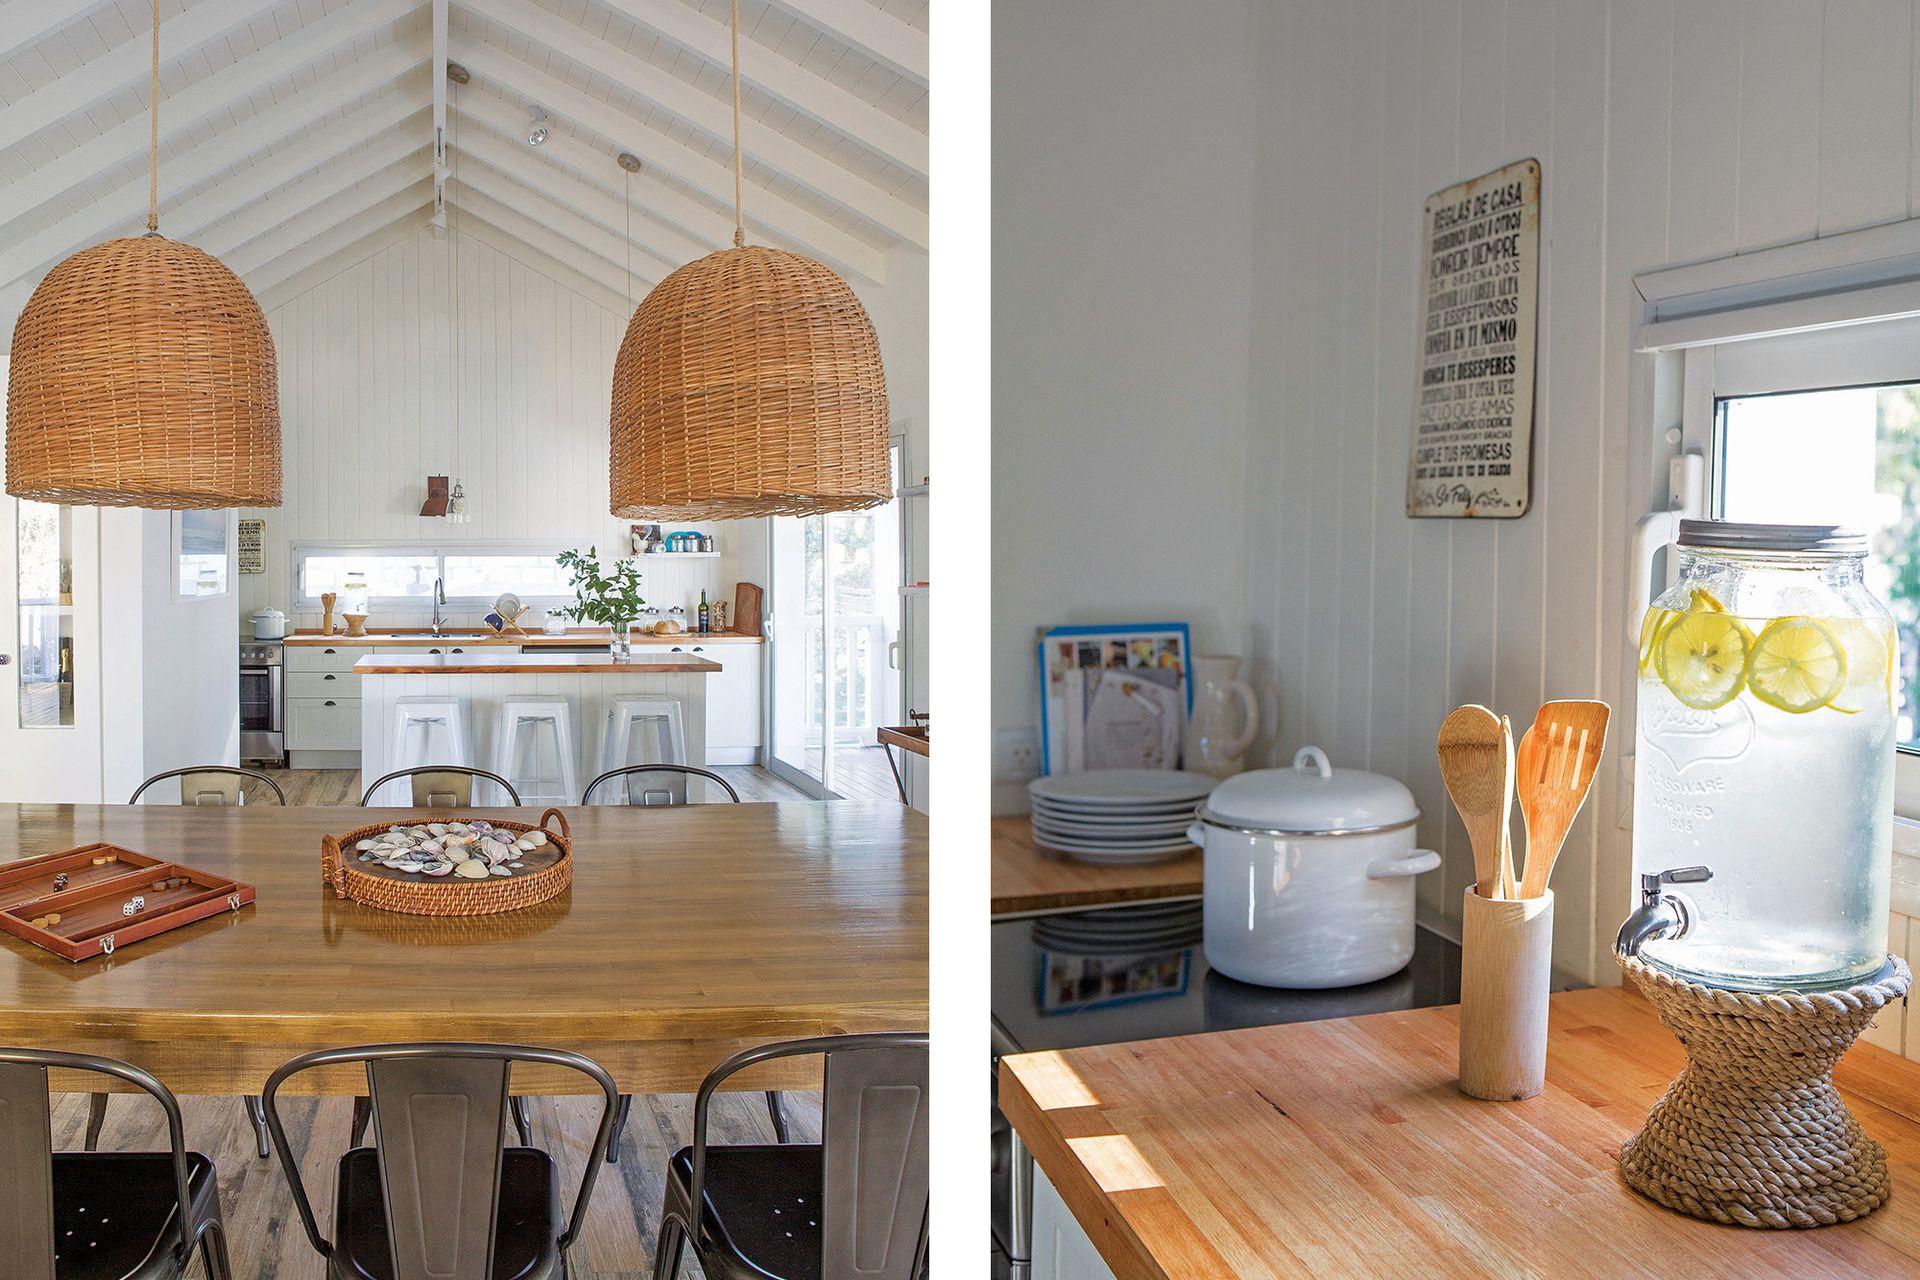 Sobre la mesada de la cocina, un dispenser de agua (Pottery Barn) que trajeron desde Miami.